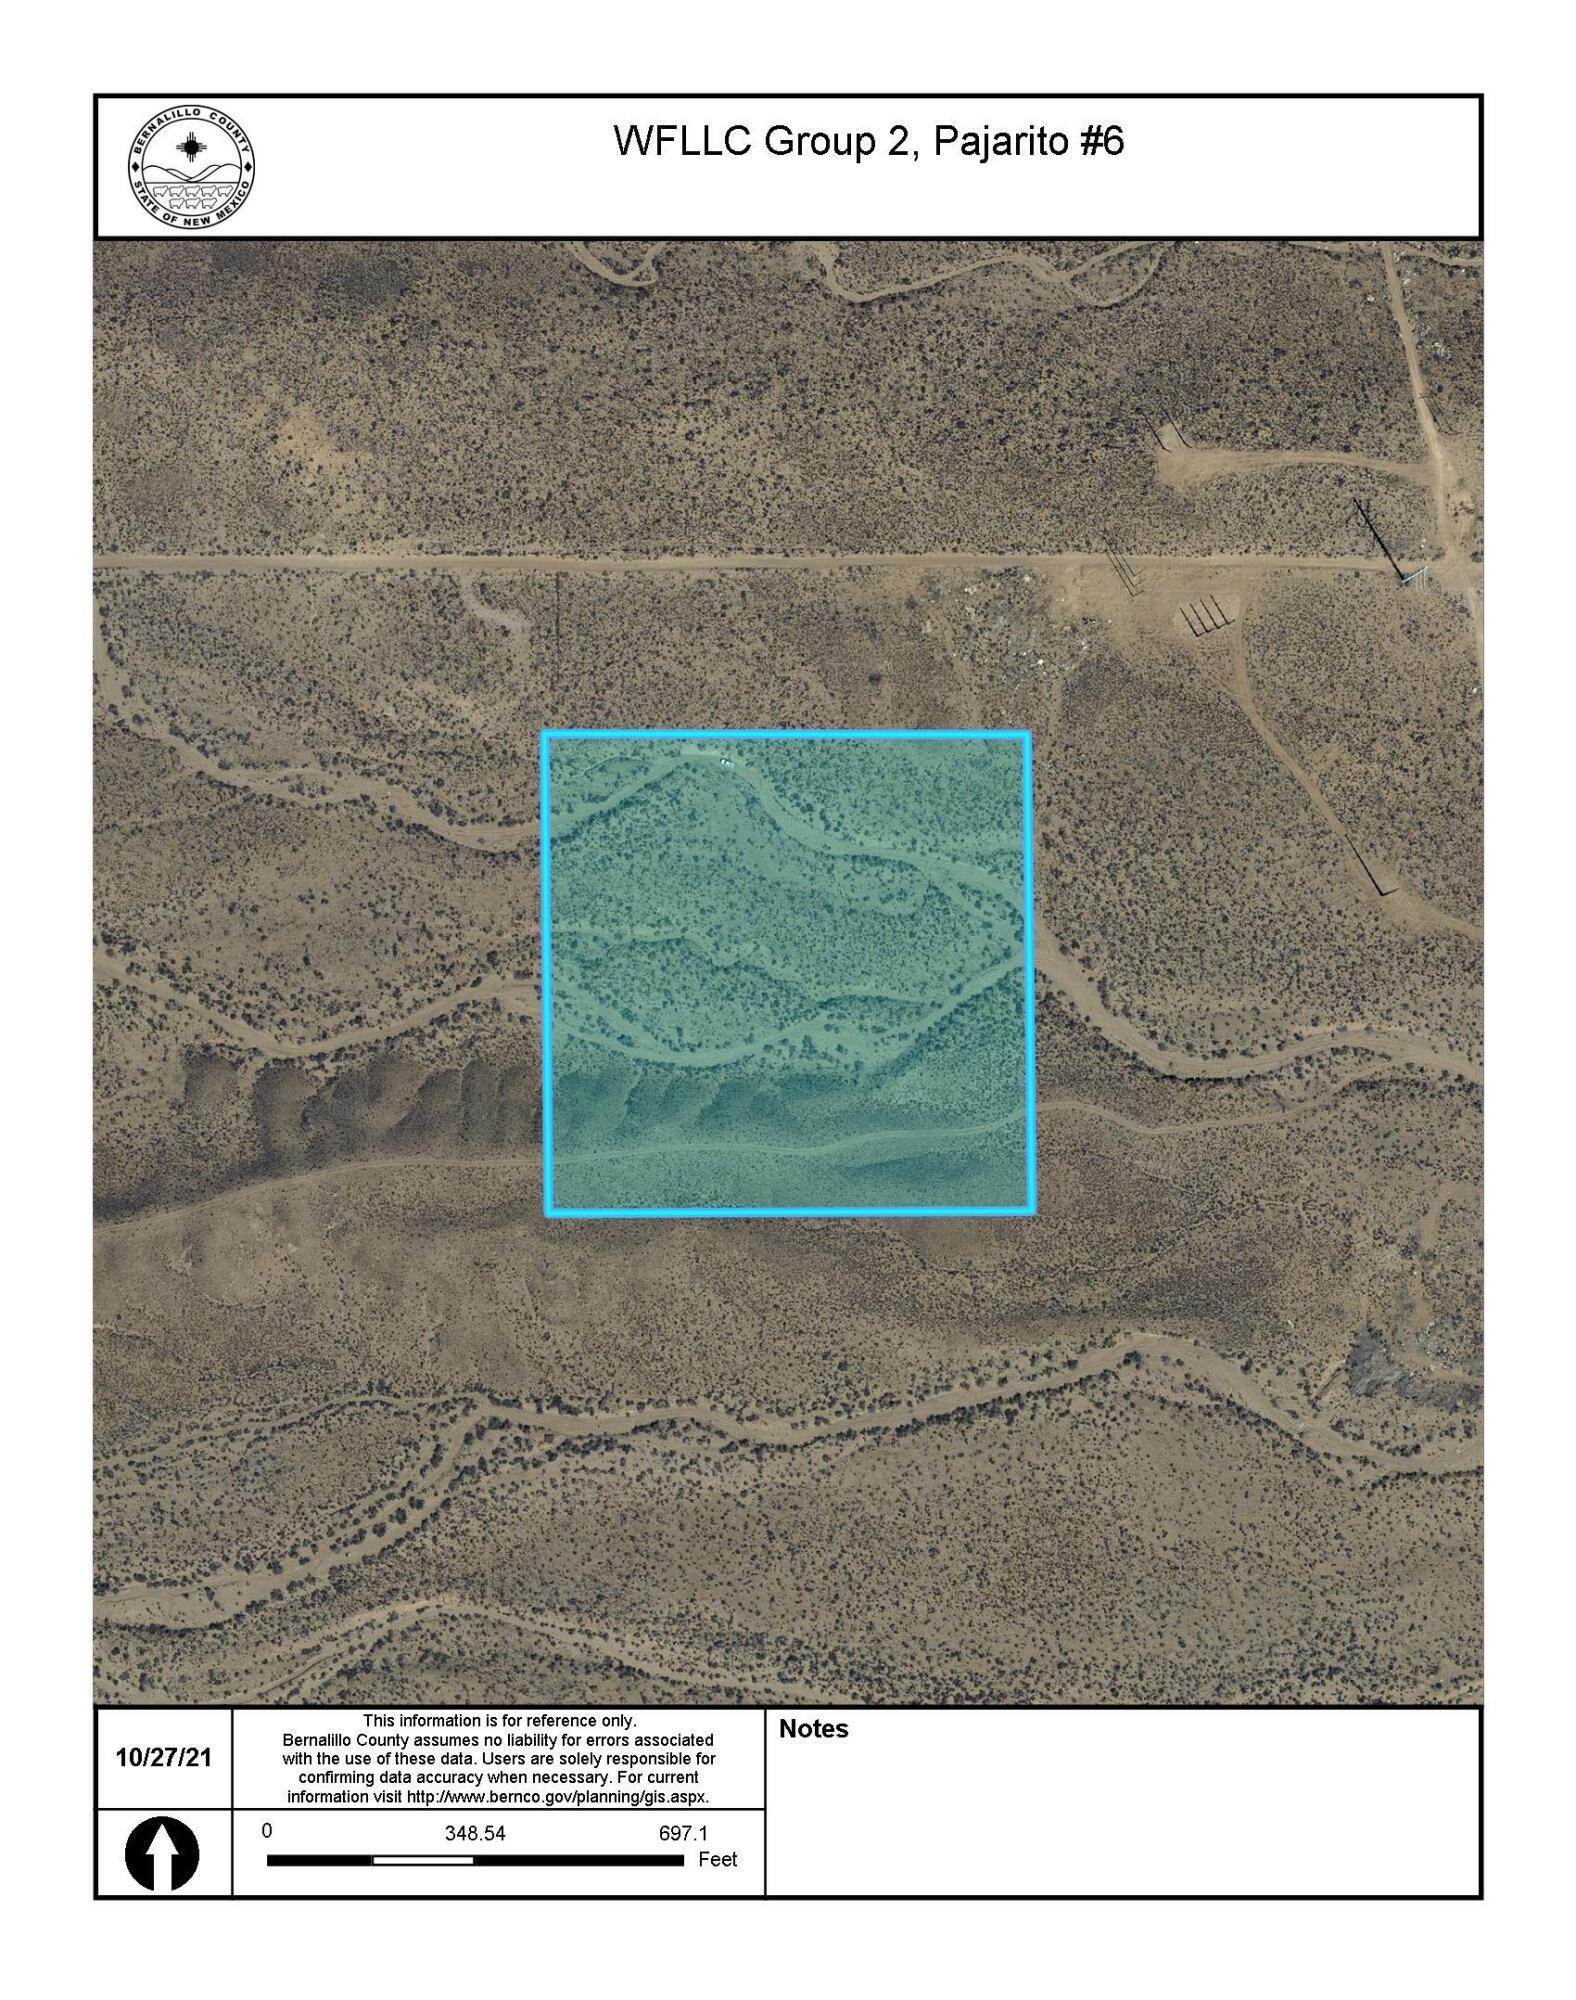 Off Pajarito (pw 6) Road Sw, Albuquerque NM 87121